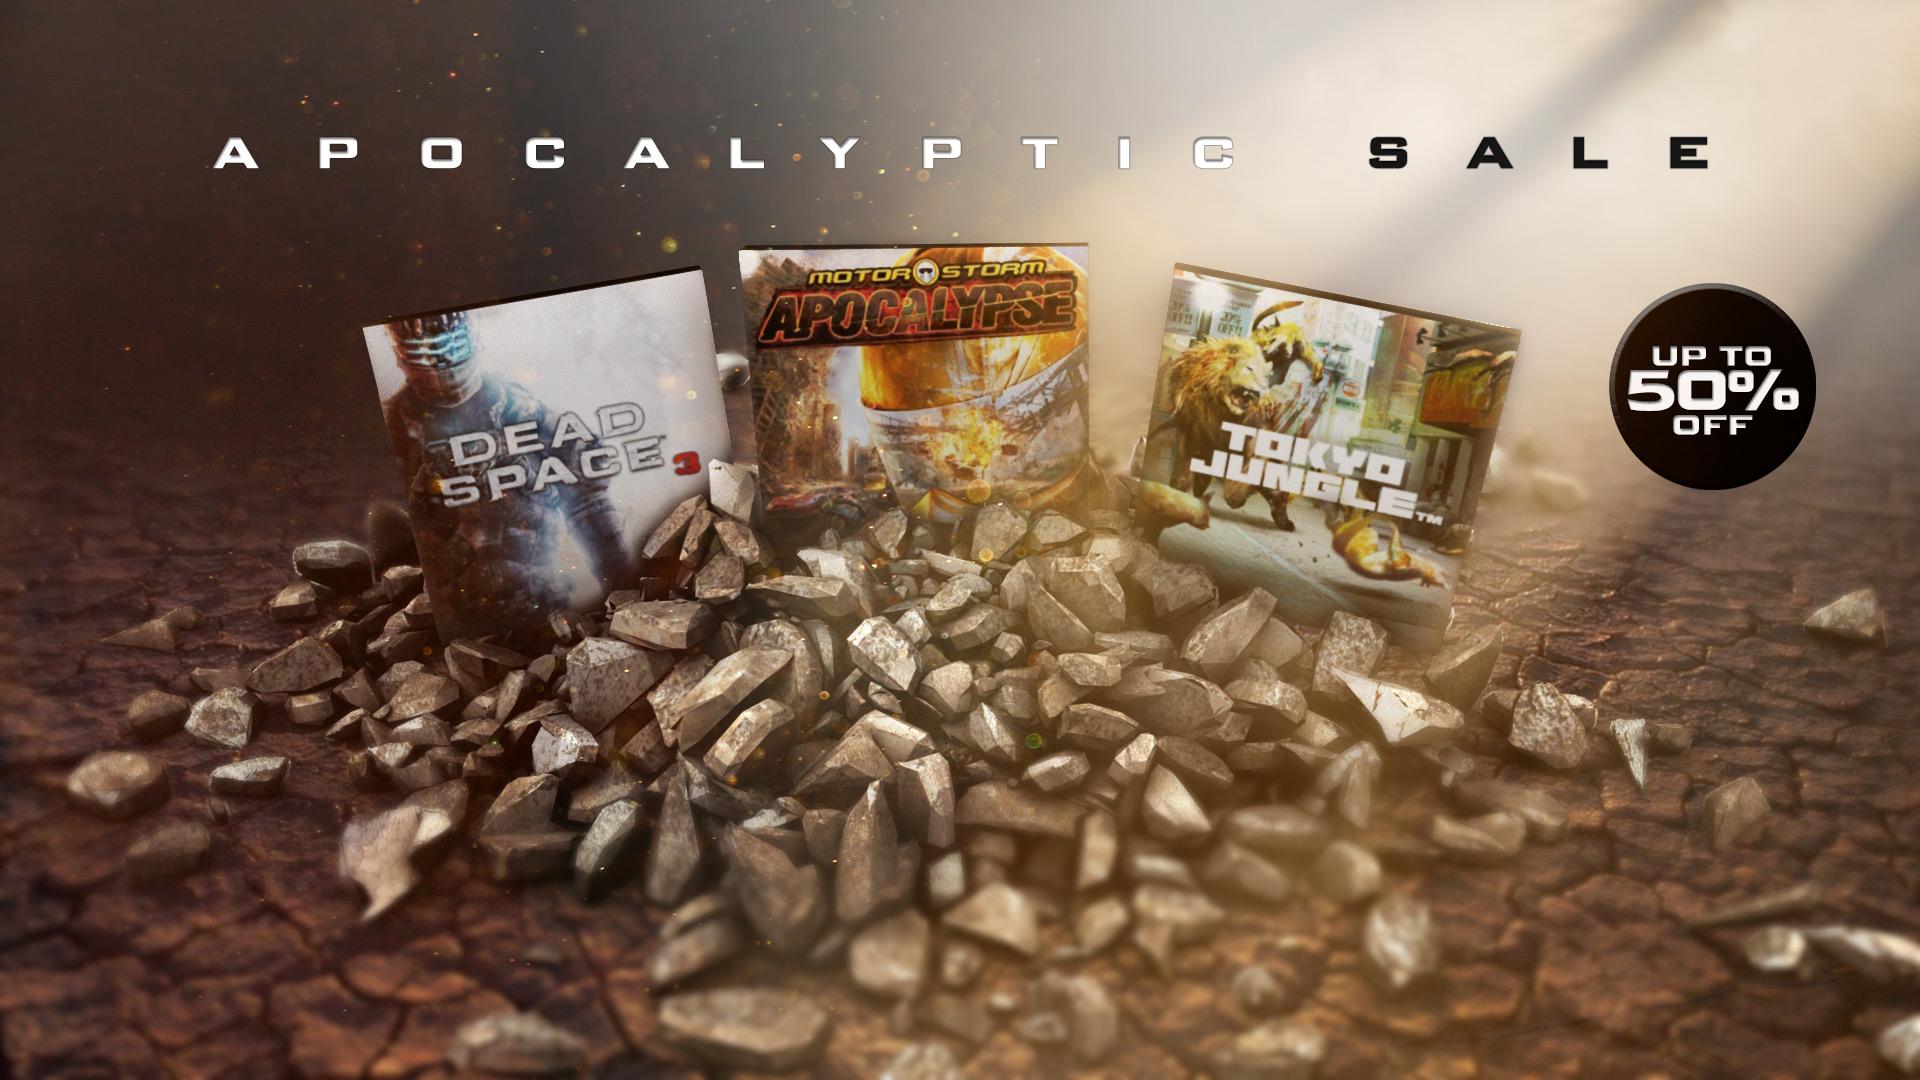 Apokaliptyczna wyprzedaż na PSN. Taniej Dead Space, Far Cry 3, Oddworld i nie tylko - obrazek 1